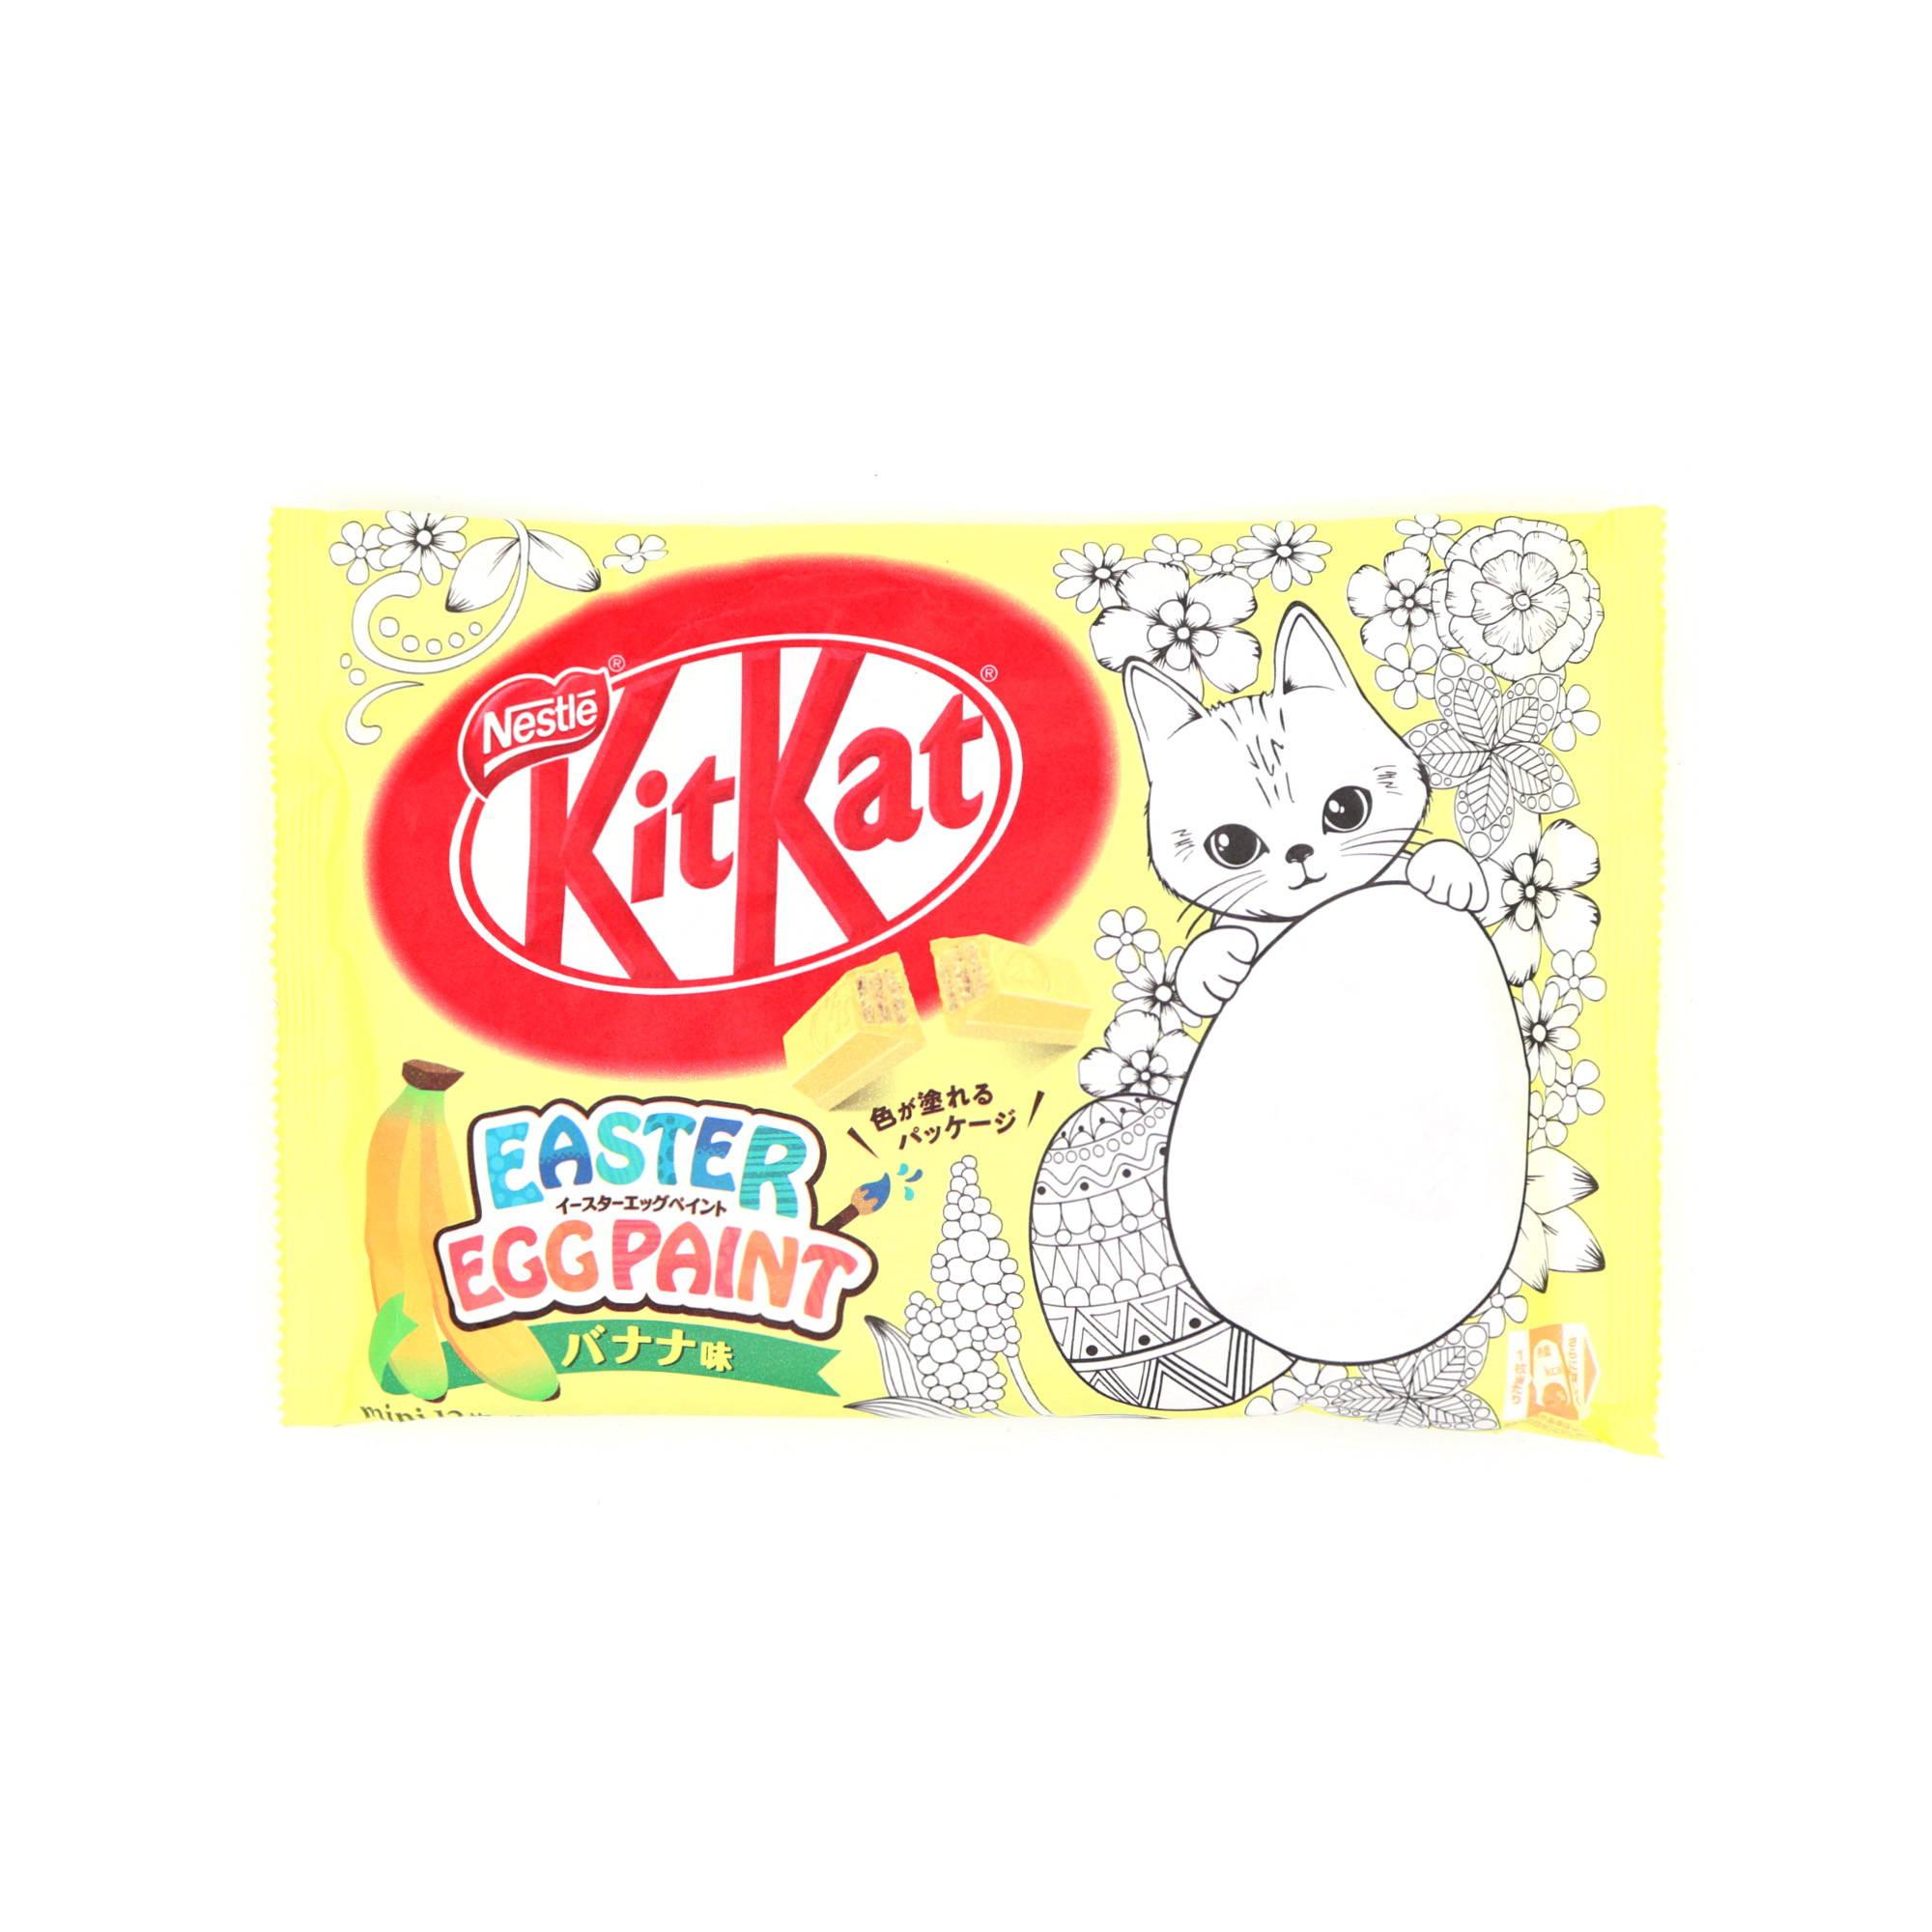 Japanese Easter Banana Kit Kat